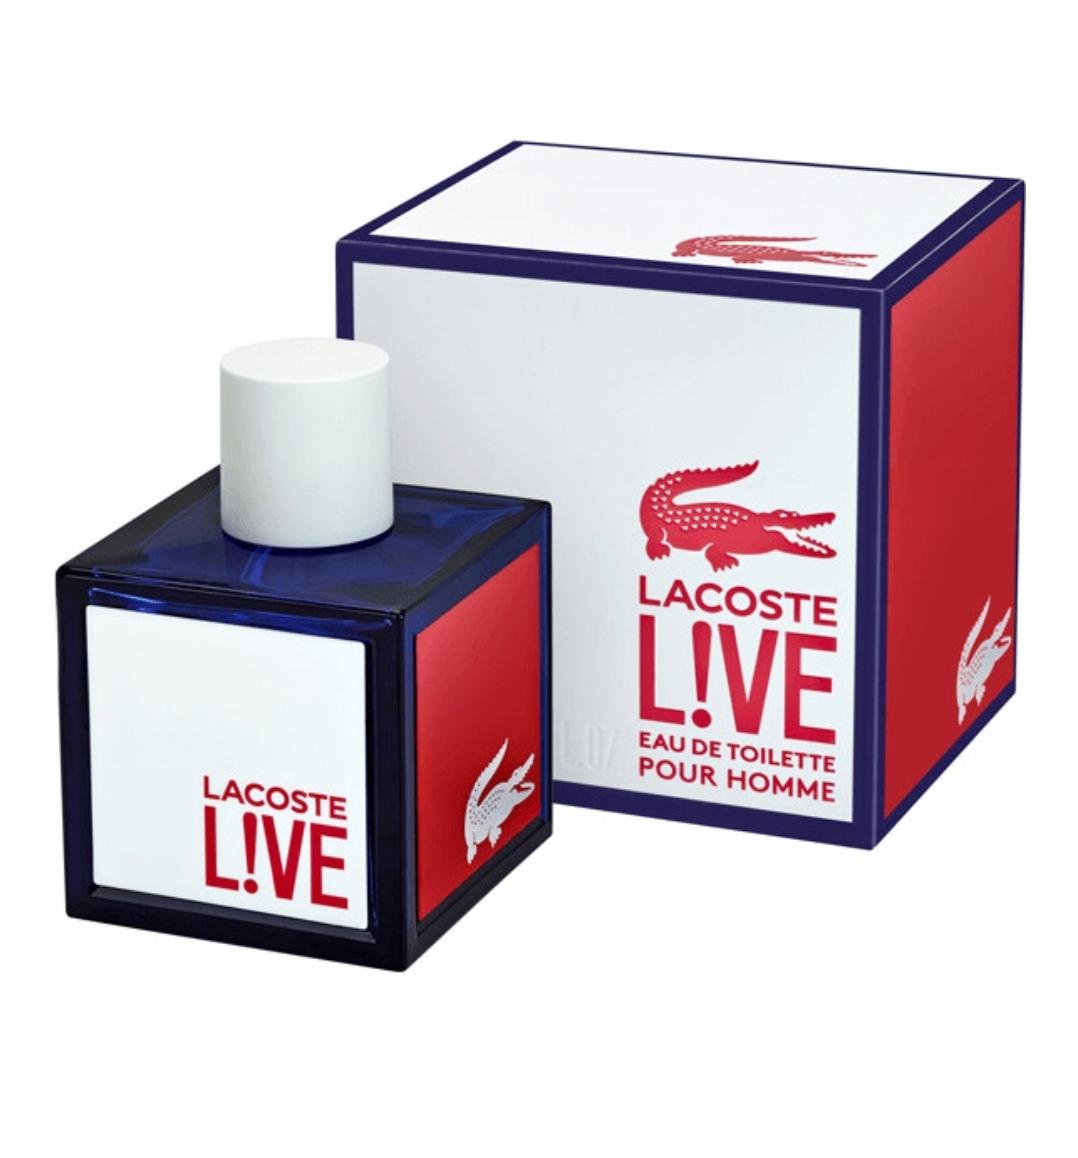 Lacoste Live Eau De Toilette - 100 ml